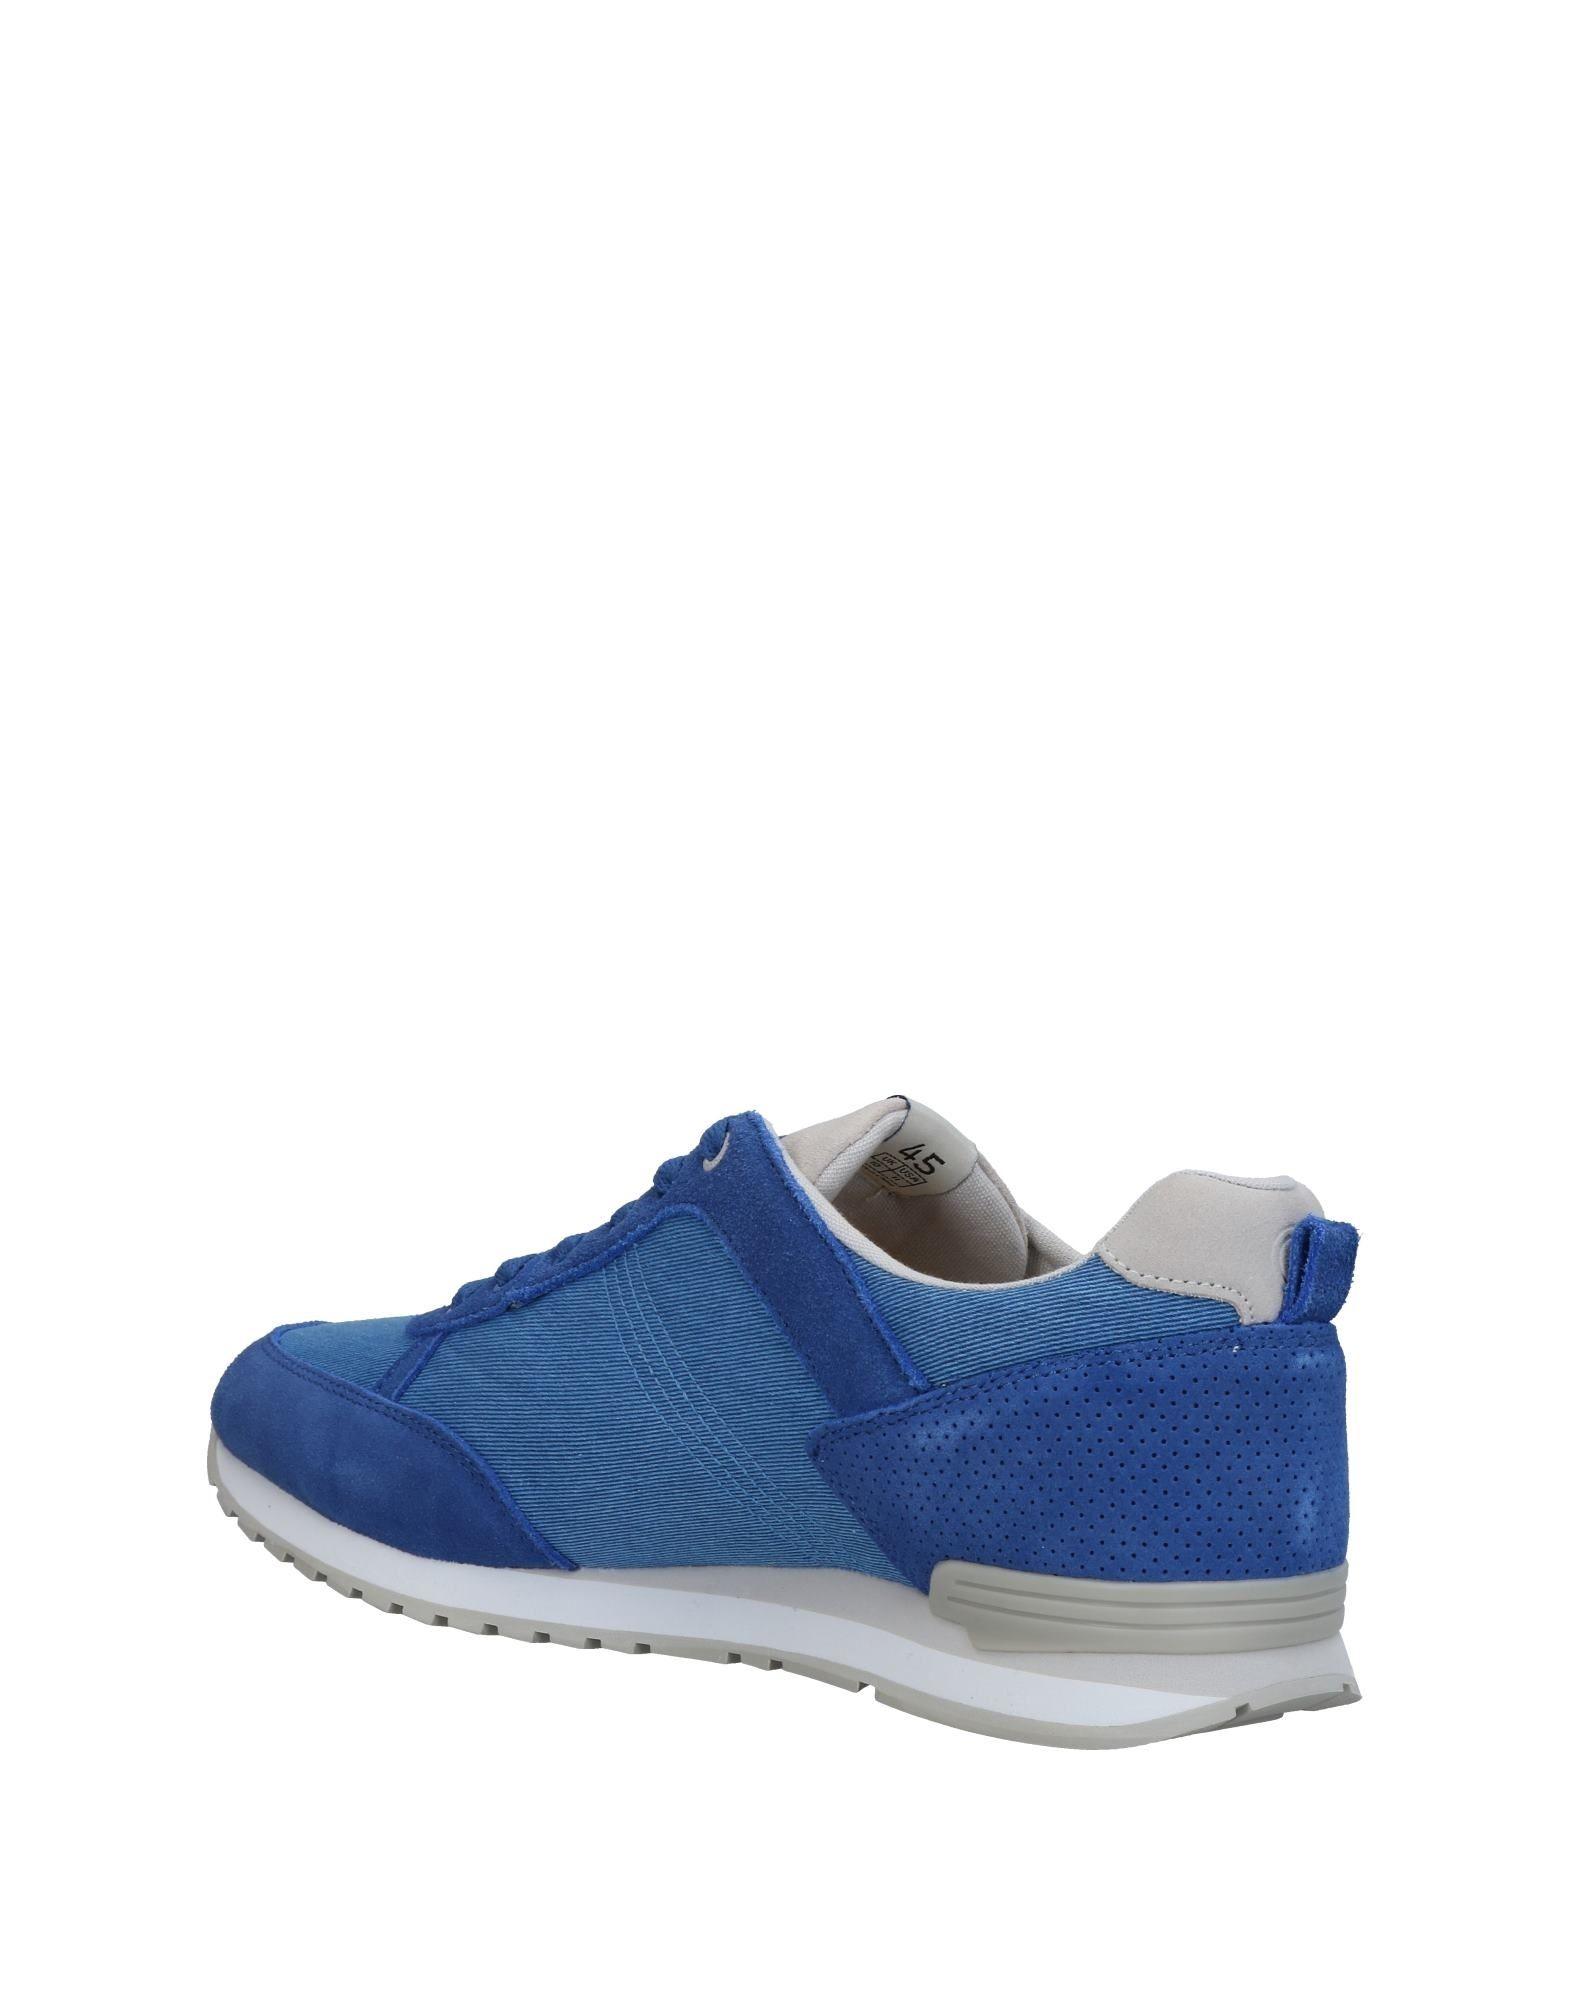 Colmar Sneakers Herren  11435955IU 11435955IU  e9cdfd